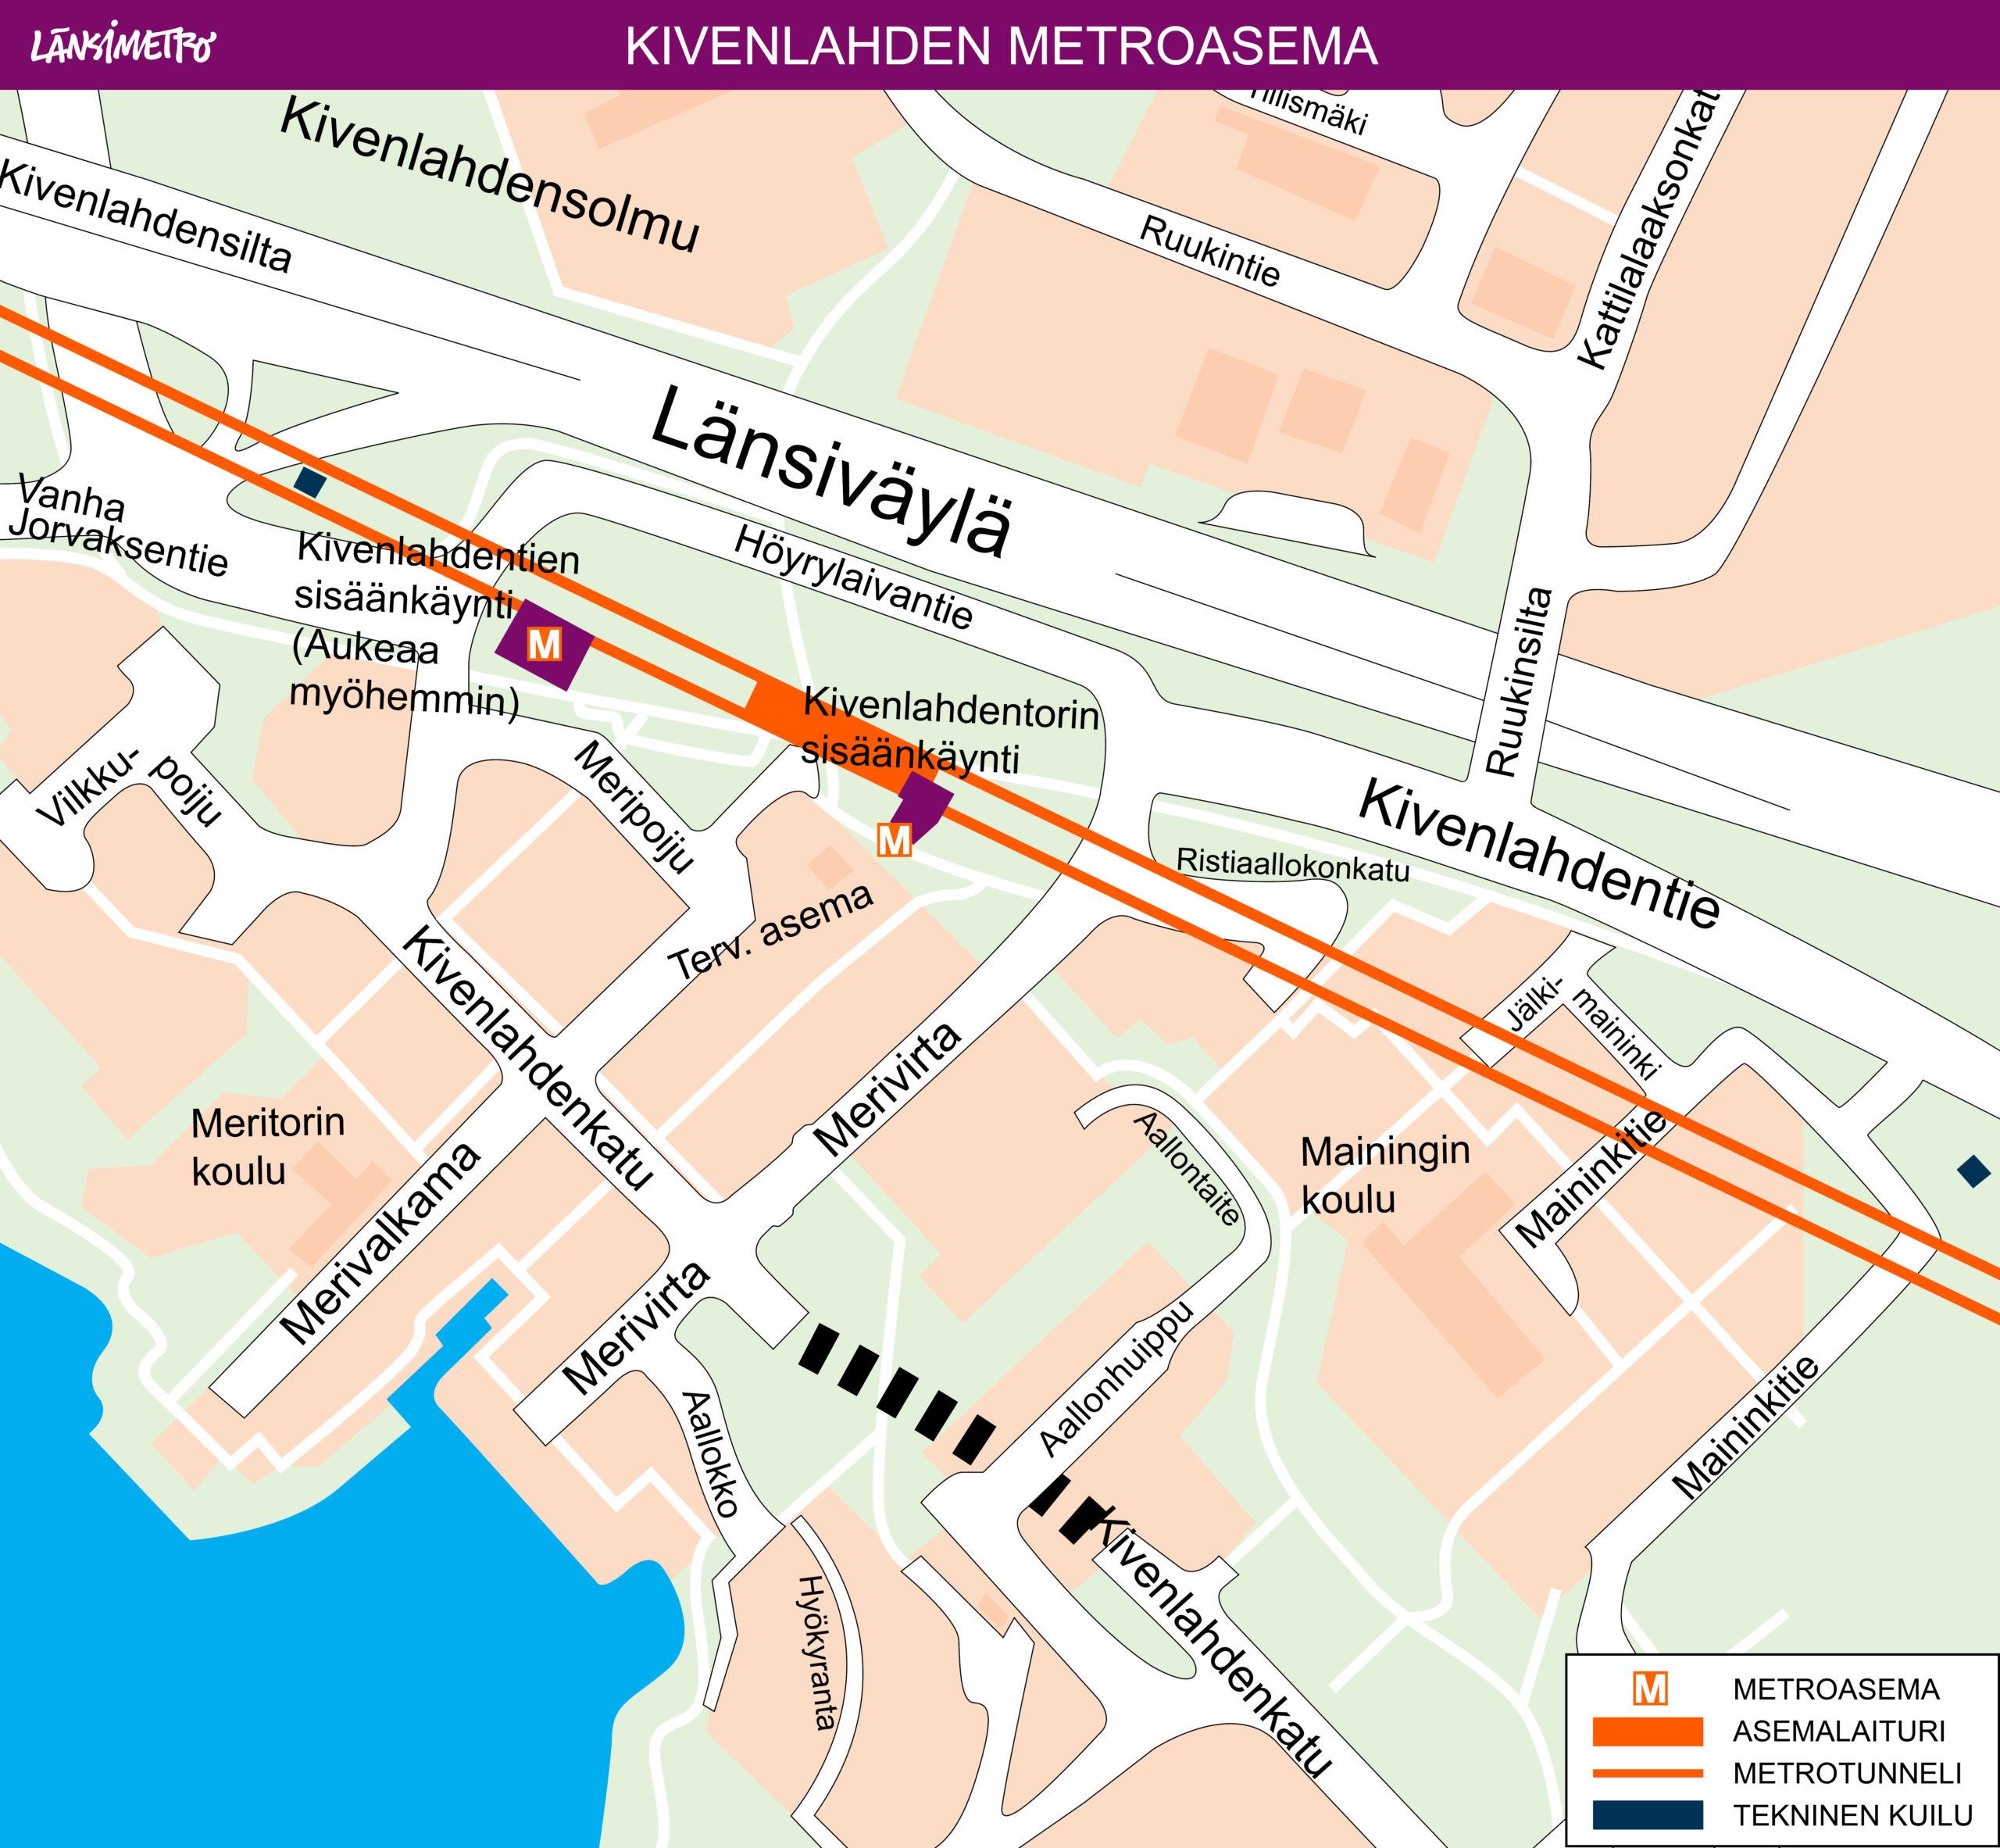 Kivenlahden metroasemalla on kaksi sisäänkäyntiä: Kivenlahdentorin ja Kivenlahdentien sisäänkäynnit. Kivenlahdentori sisäänkäynti on asemalaiturin itäpuolella. Kivenlahdentorin sisäänkäynti on asemalaiturin länsipuolella. Metroliikenteen alkaessa Matinkylästä Kivenlahteen vuonna 2023 Kivenlahdentien sisäänkäynti ei kuitenkaan ole matkustajien käytössä alueen muusta rakentamisesta johtuen. Tämä sisäänkäynti otetaan käyttöön, kun sisäänkäynnin ympäristön valmistuminen rakentuu. Lisäksi asemalla on teknisiä kuiluja.